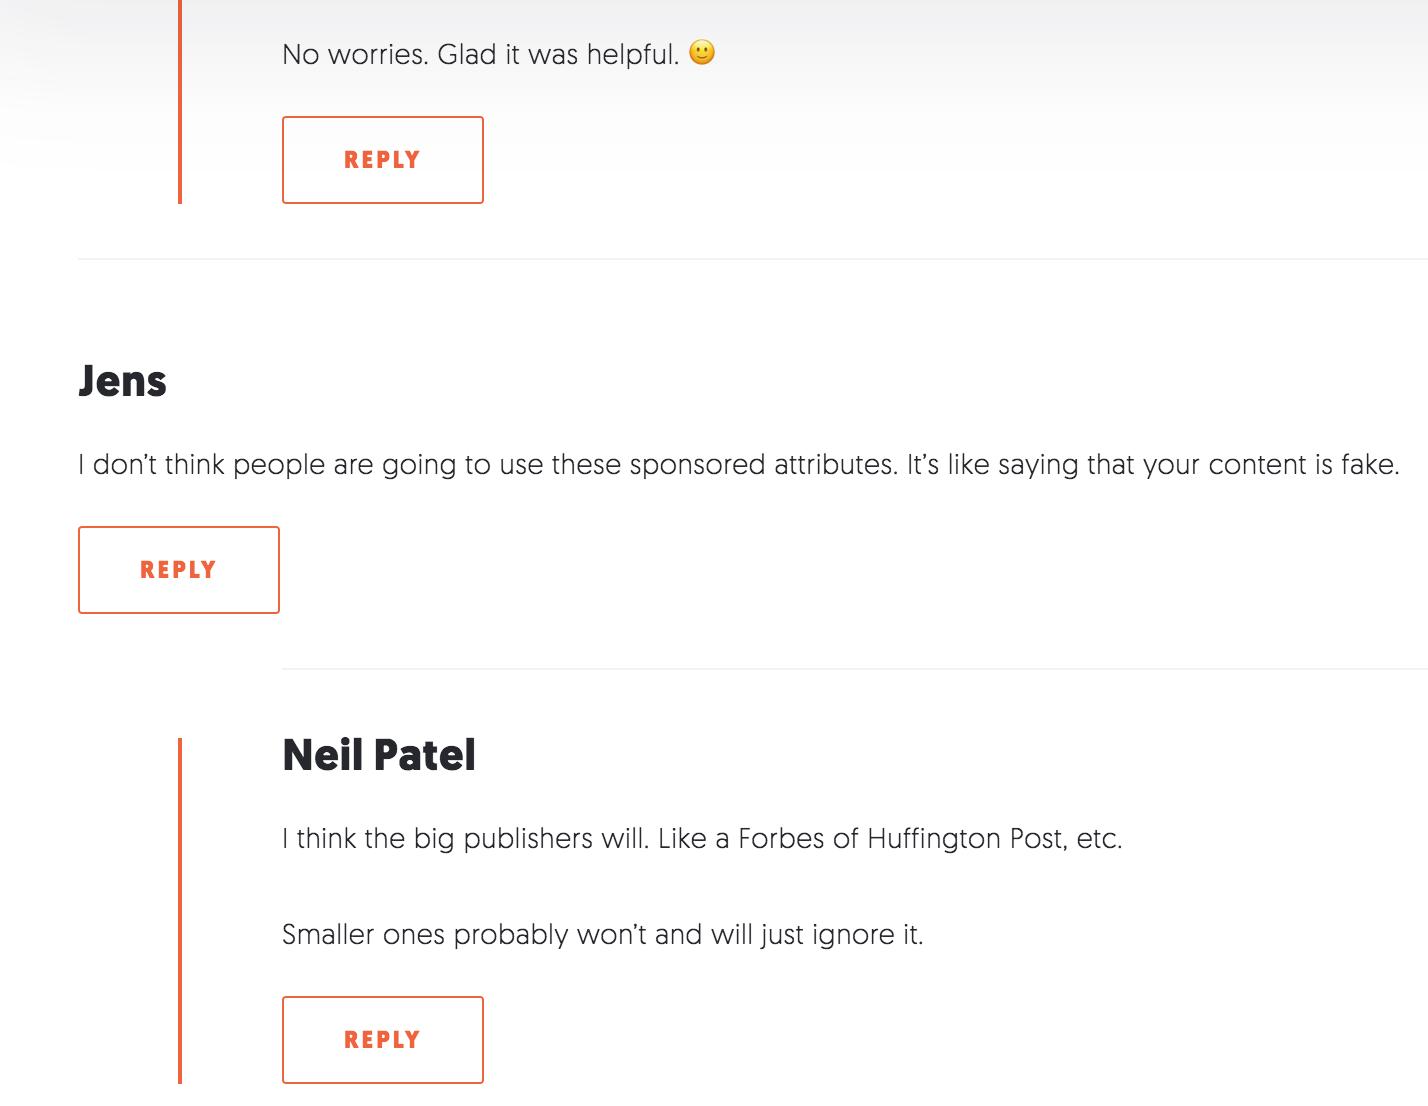 Neil Patel Comment Section